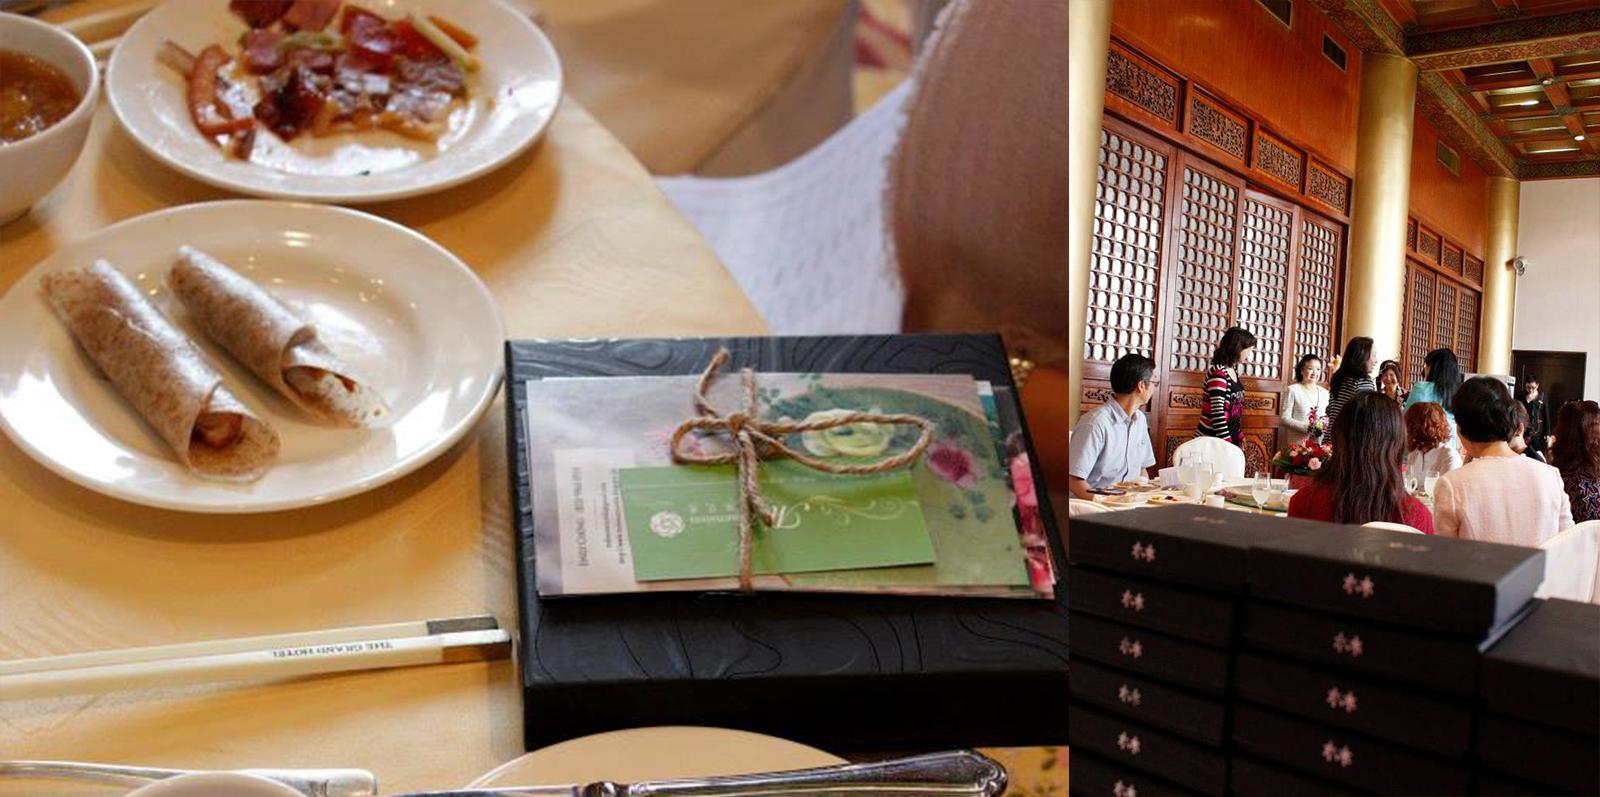 我們感謝台北華新扶輪社的邀請, 讓我們在當中講解花見理念和茶事分享